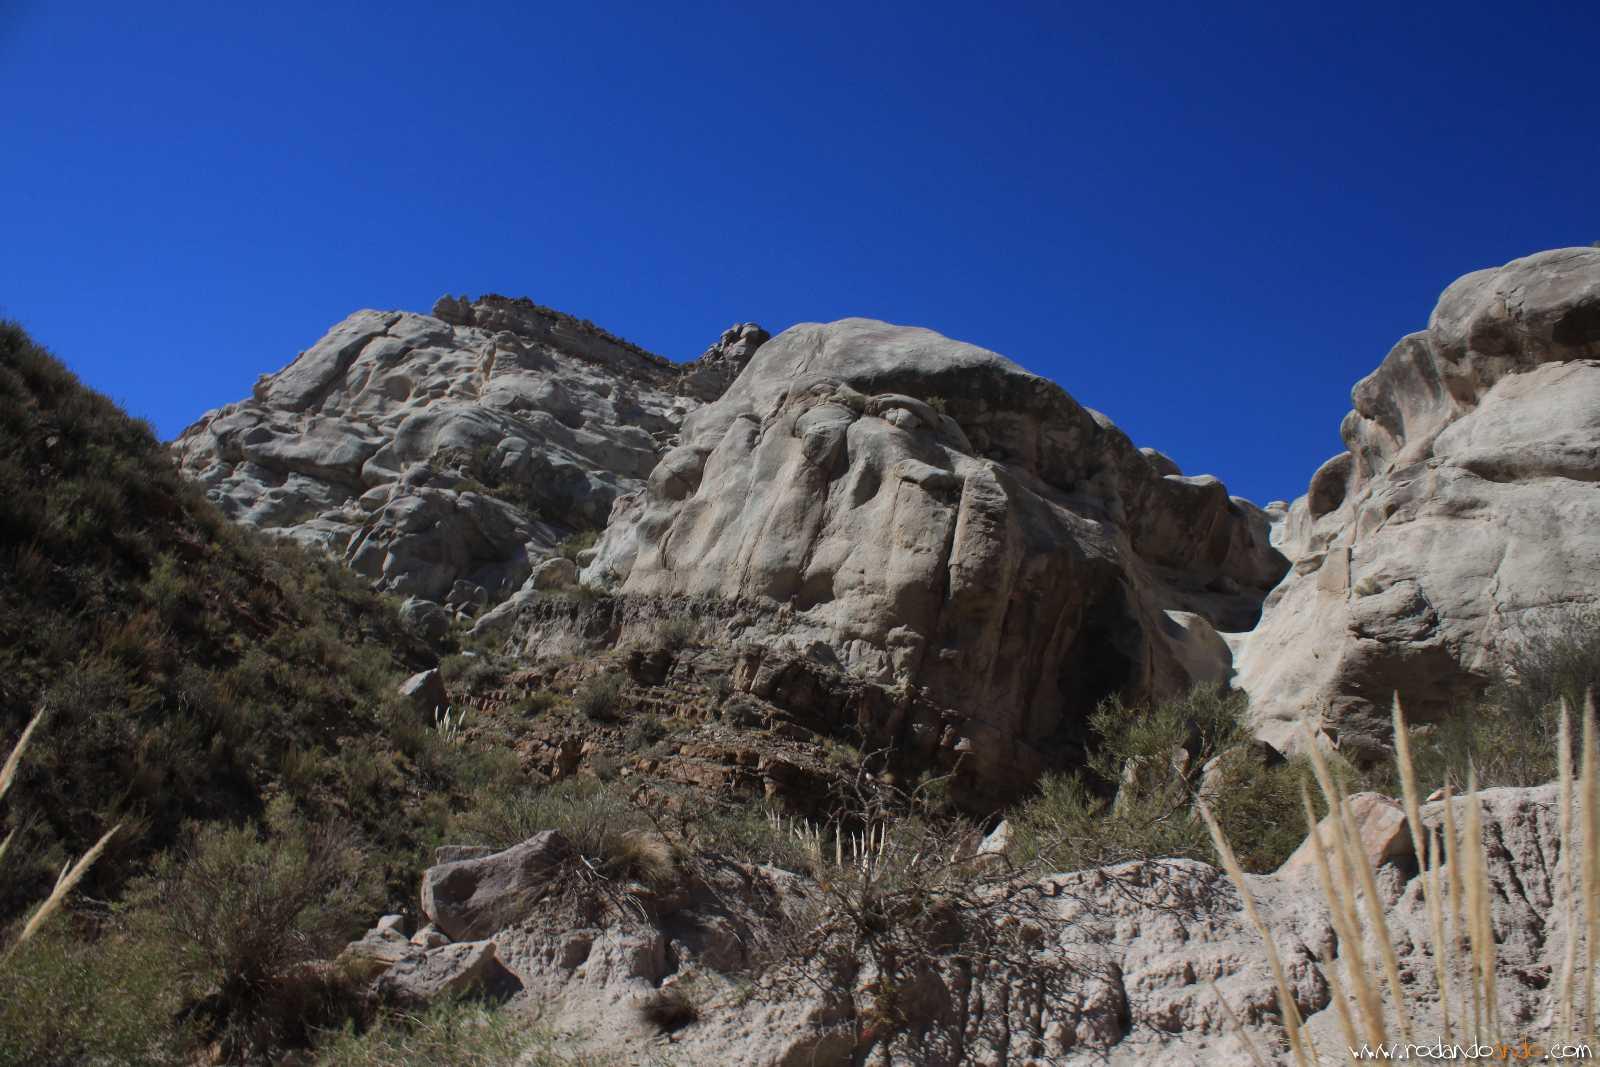 En las piedras se ven formas talladas: entre las montañas pueden ver la cabeza de un mono